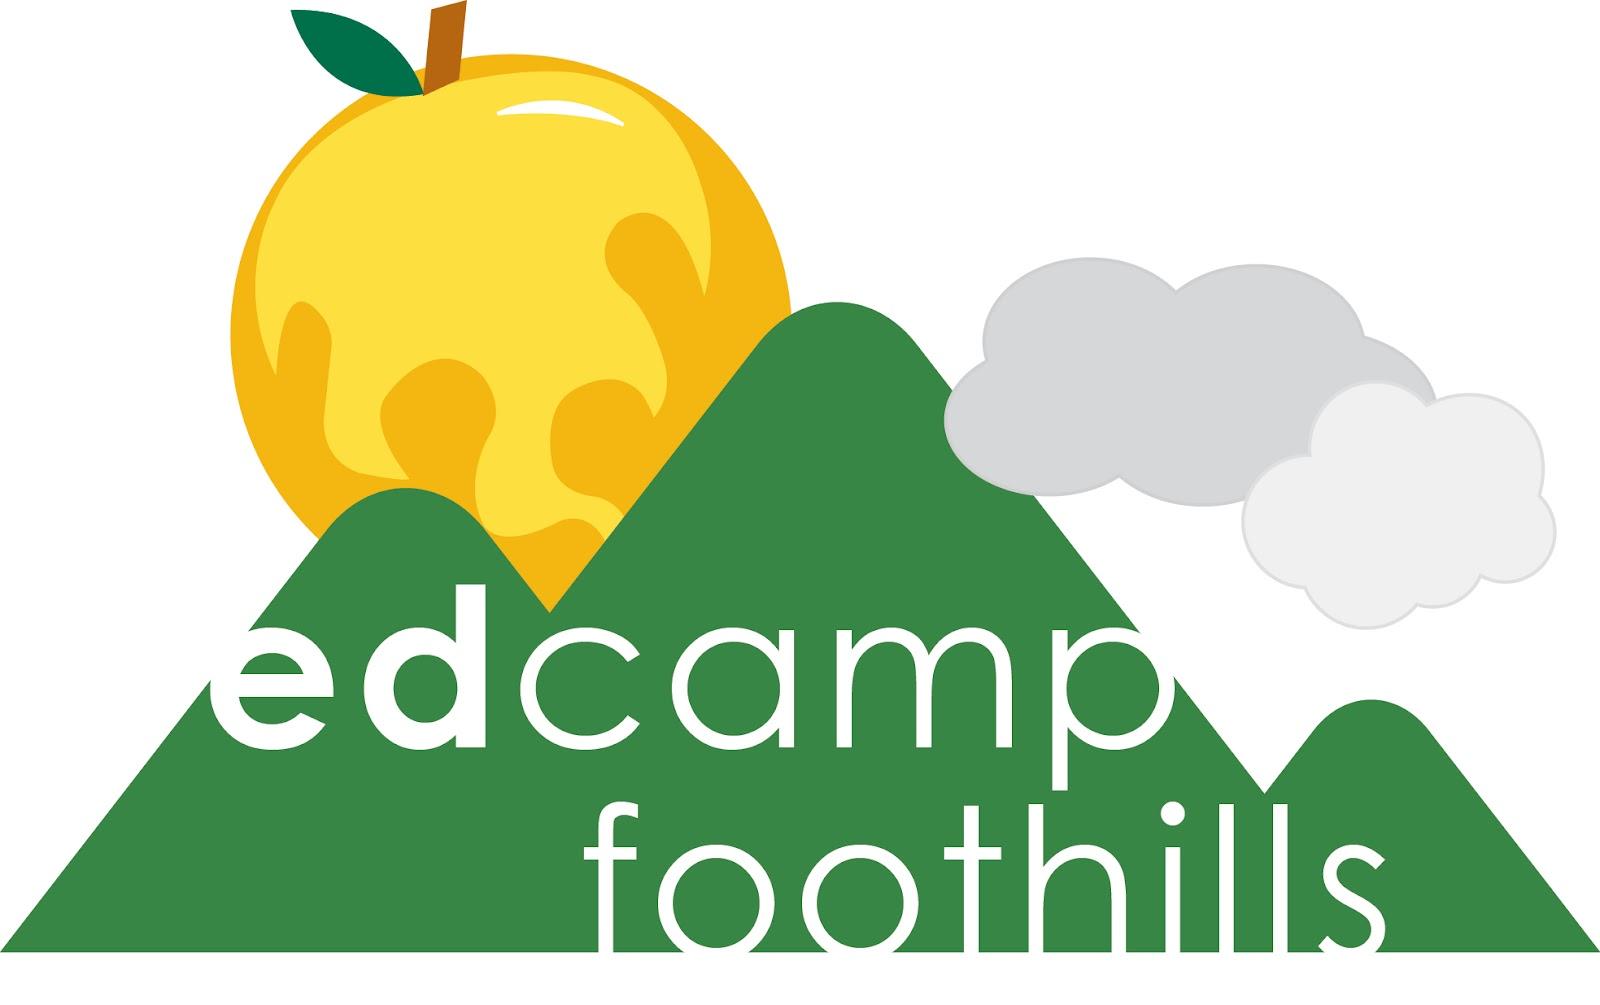 edcamp foothills logo 4-18.jpg